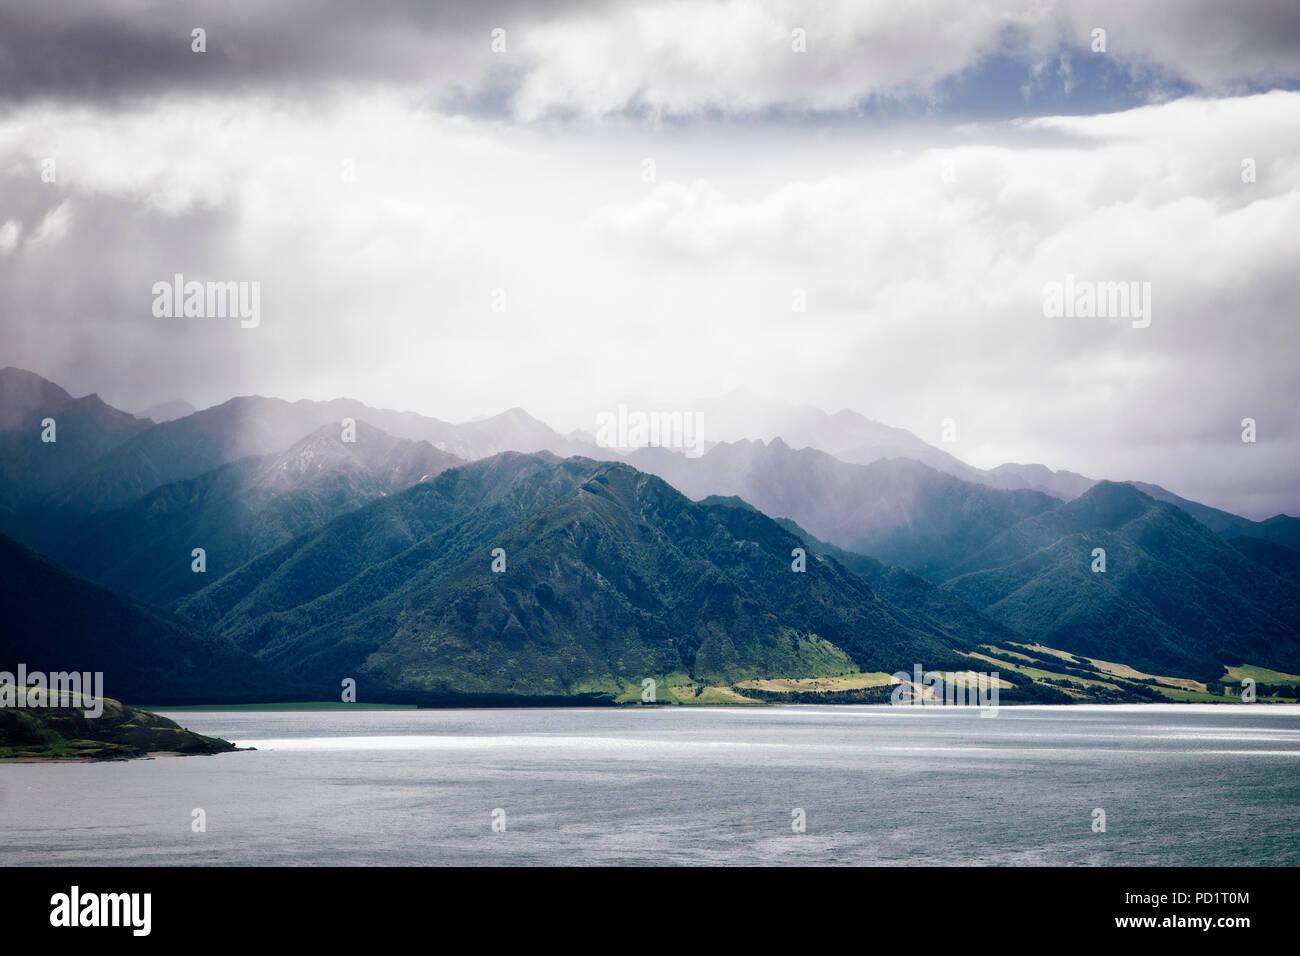 Nuvole e sole sul lago Hawea, South Island, in Nuova Zelanda. Immagini Stock